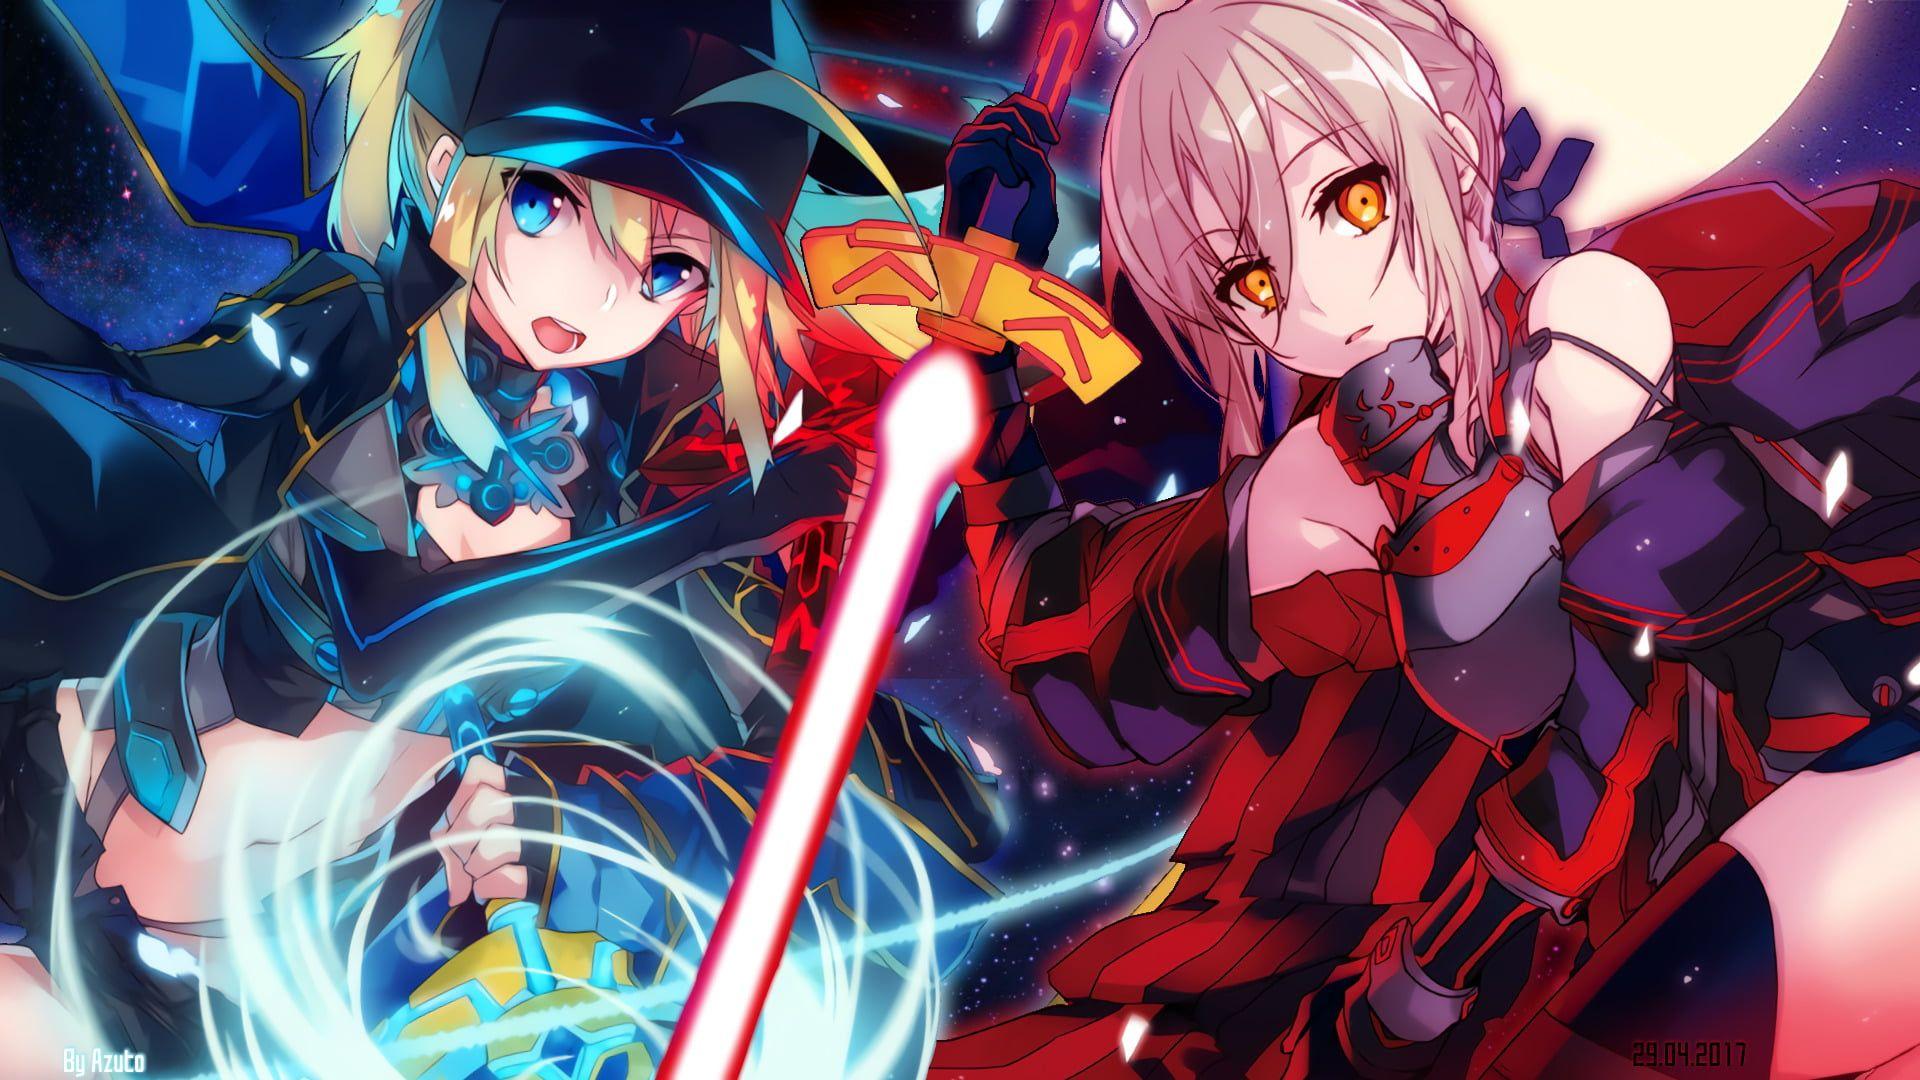 Fate Series Fate Grand Order Heroine X 1080p Wallpaper Hdwallpaper Desktop Anime Anime Wallpaper Fate Fate grand order wallpaper